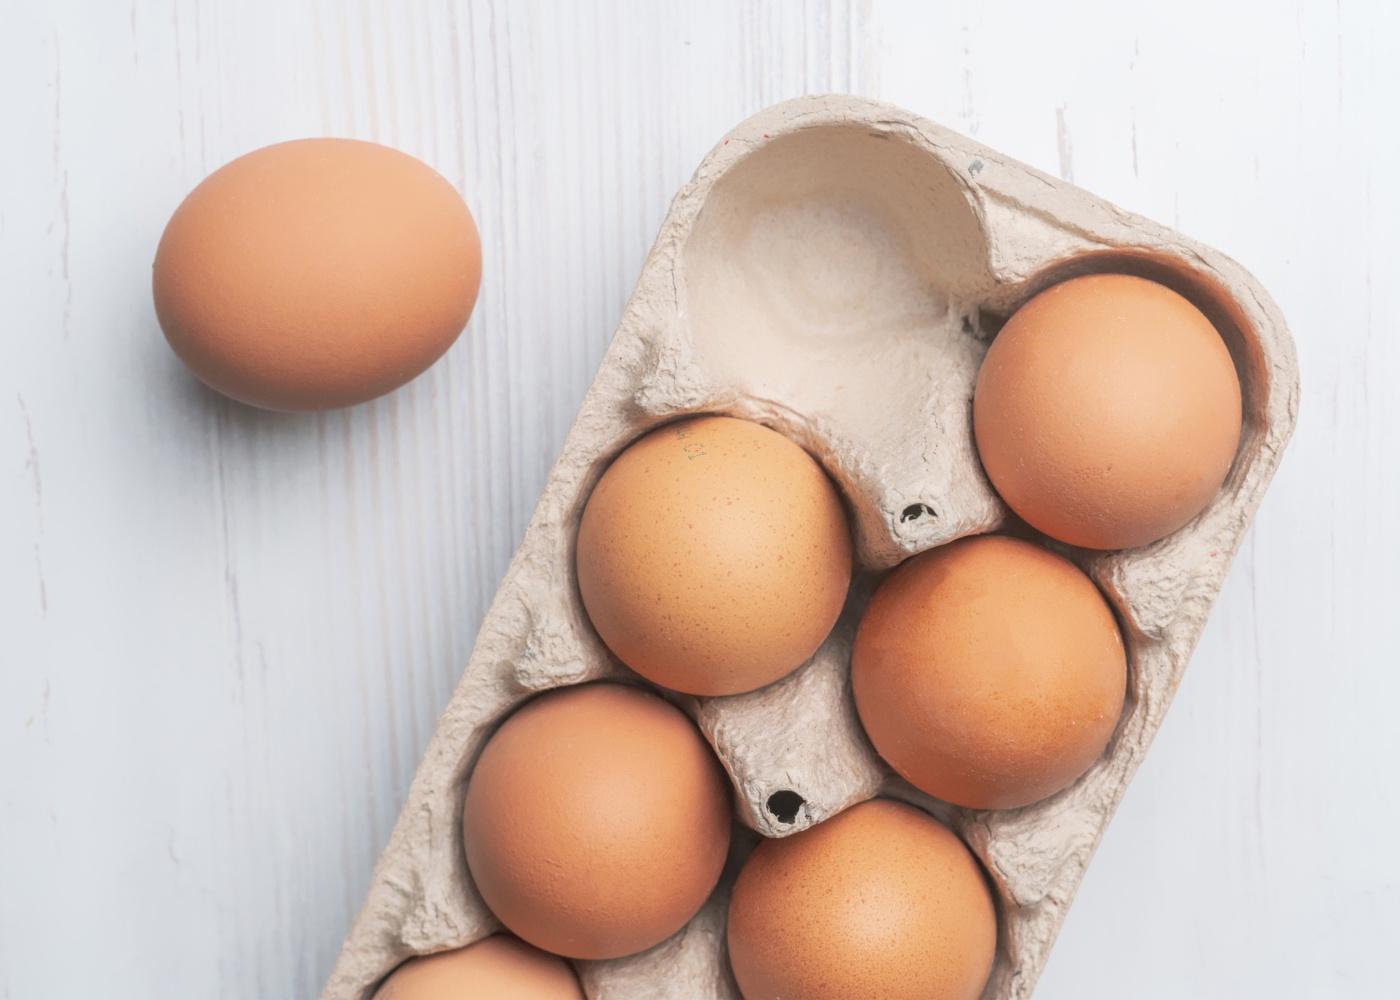 ovo está estragado